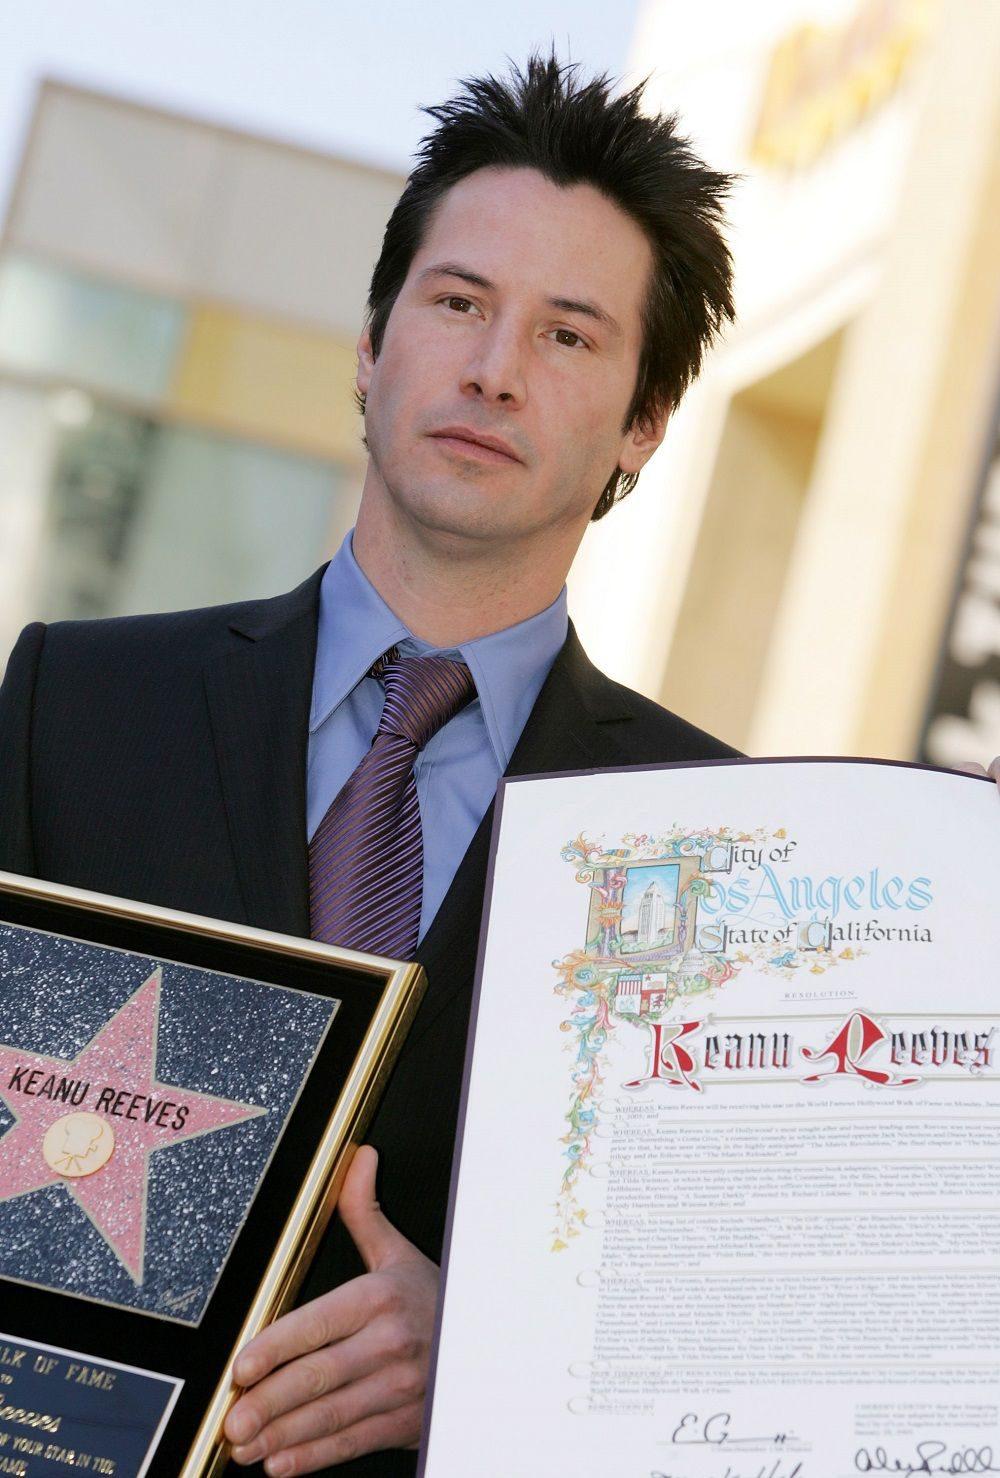 คีอานู รีฟส์ จารึกชื่อบน Hollywood Walk of Fame